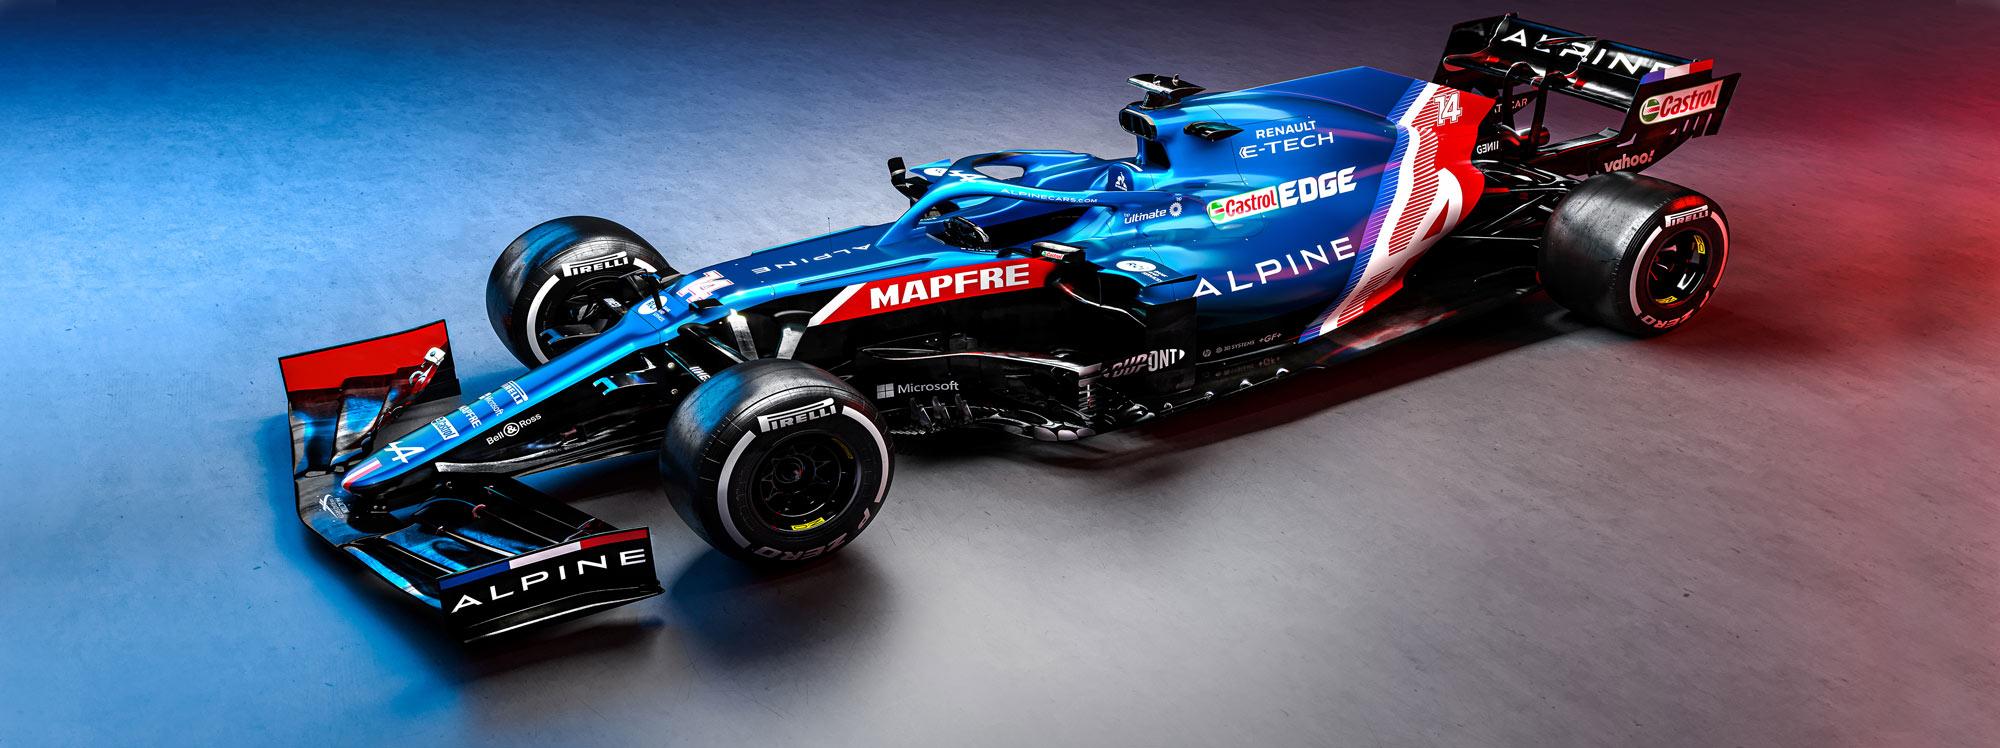 Alpine F1 de Renault empieza sus pruebas para Fórmula 1